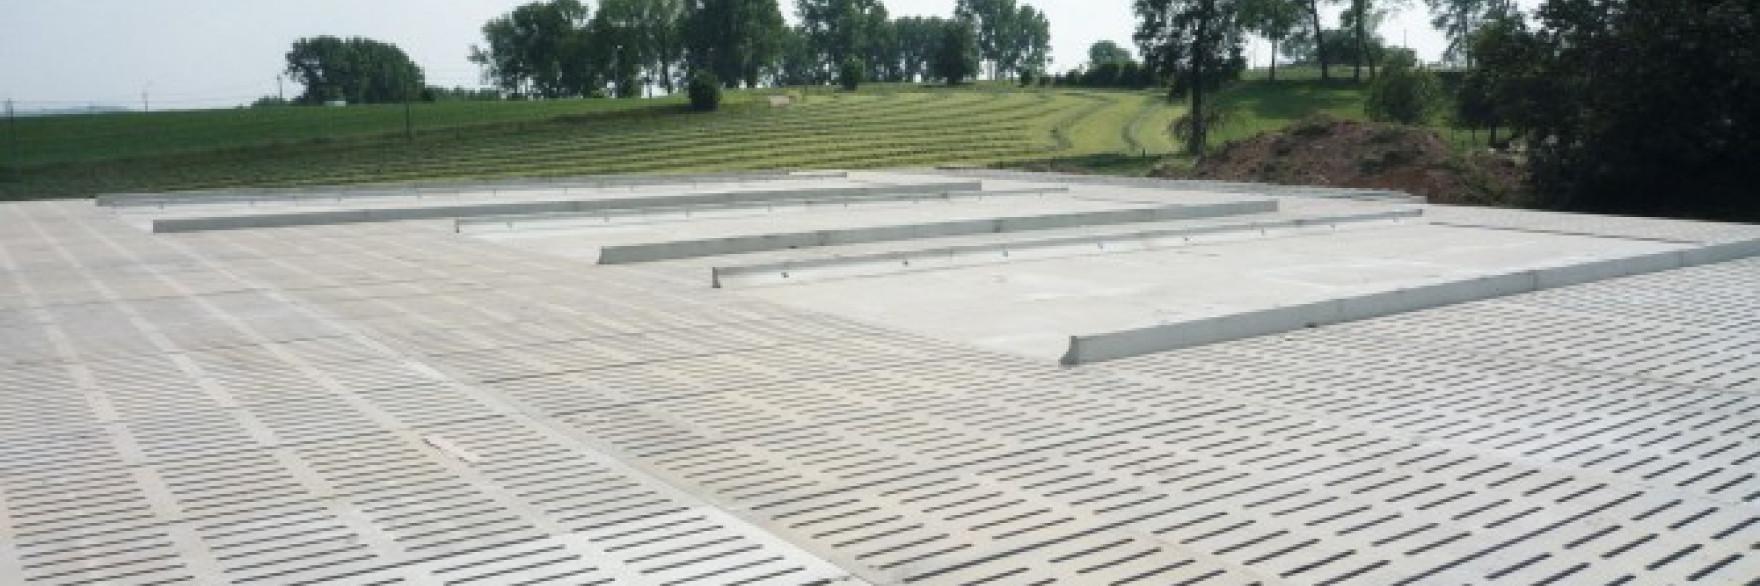 Roostervloer beton